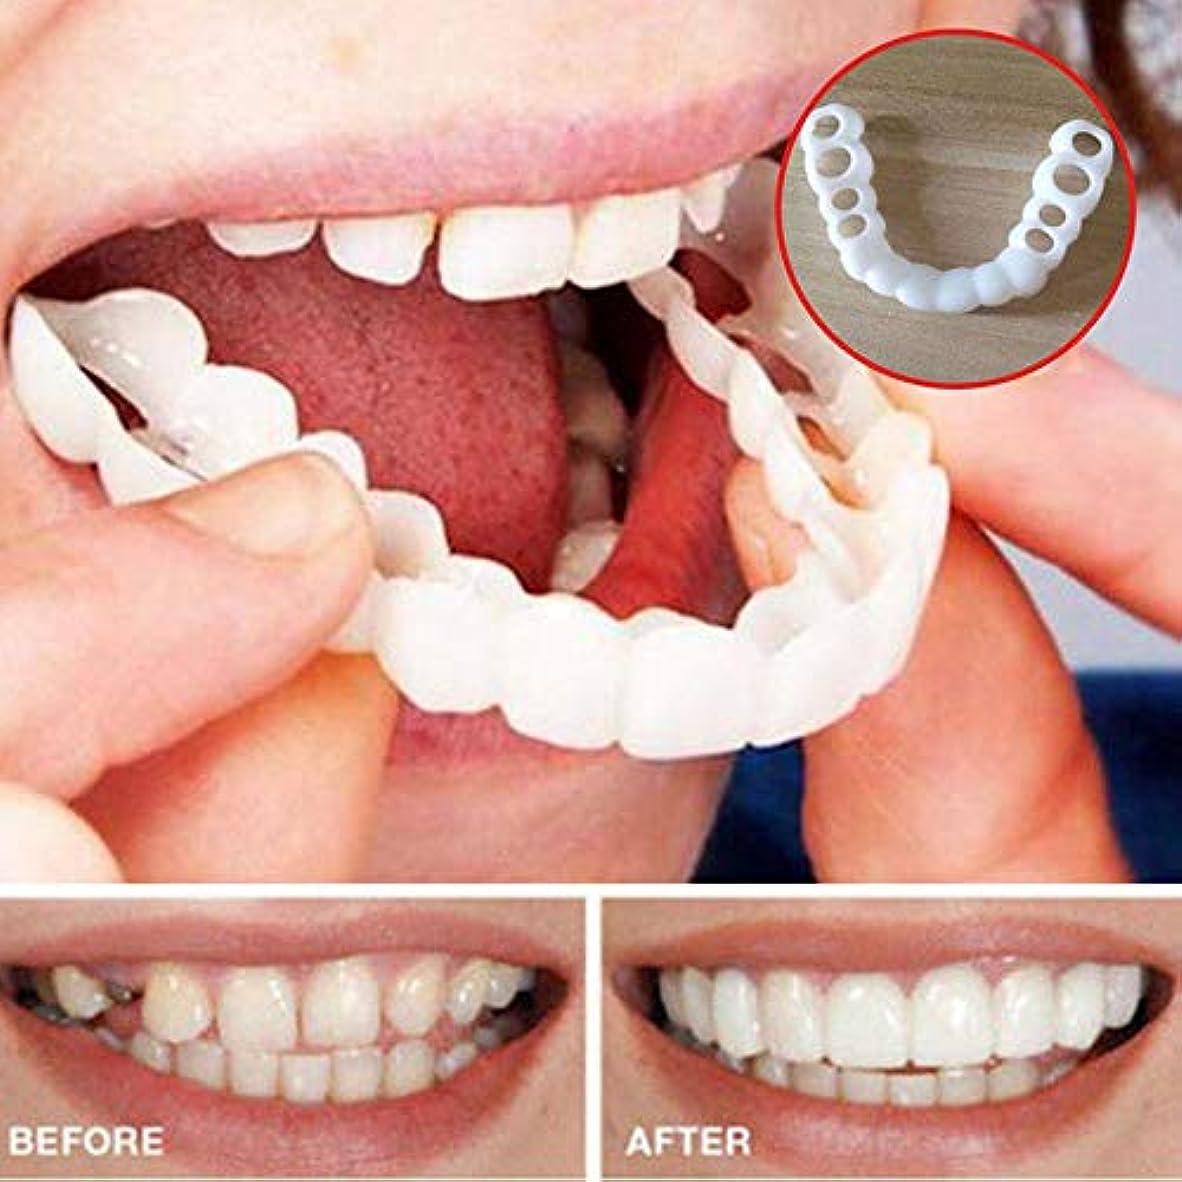 始まり発見エレガントシリコンシミュレーション歯ホワイトニングブレース(10個),Upper